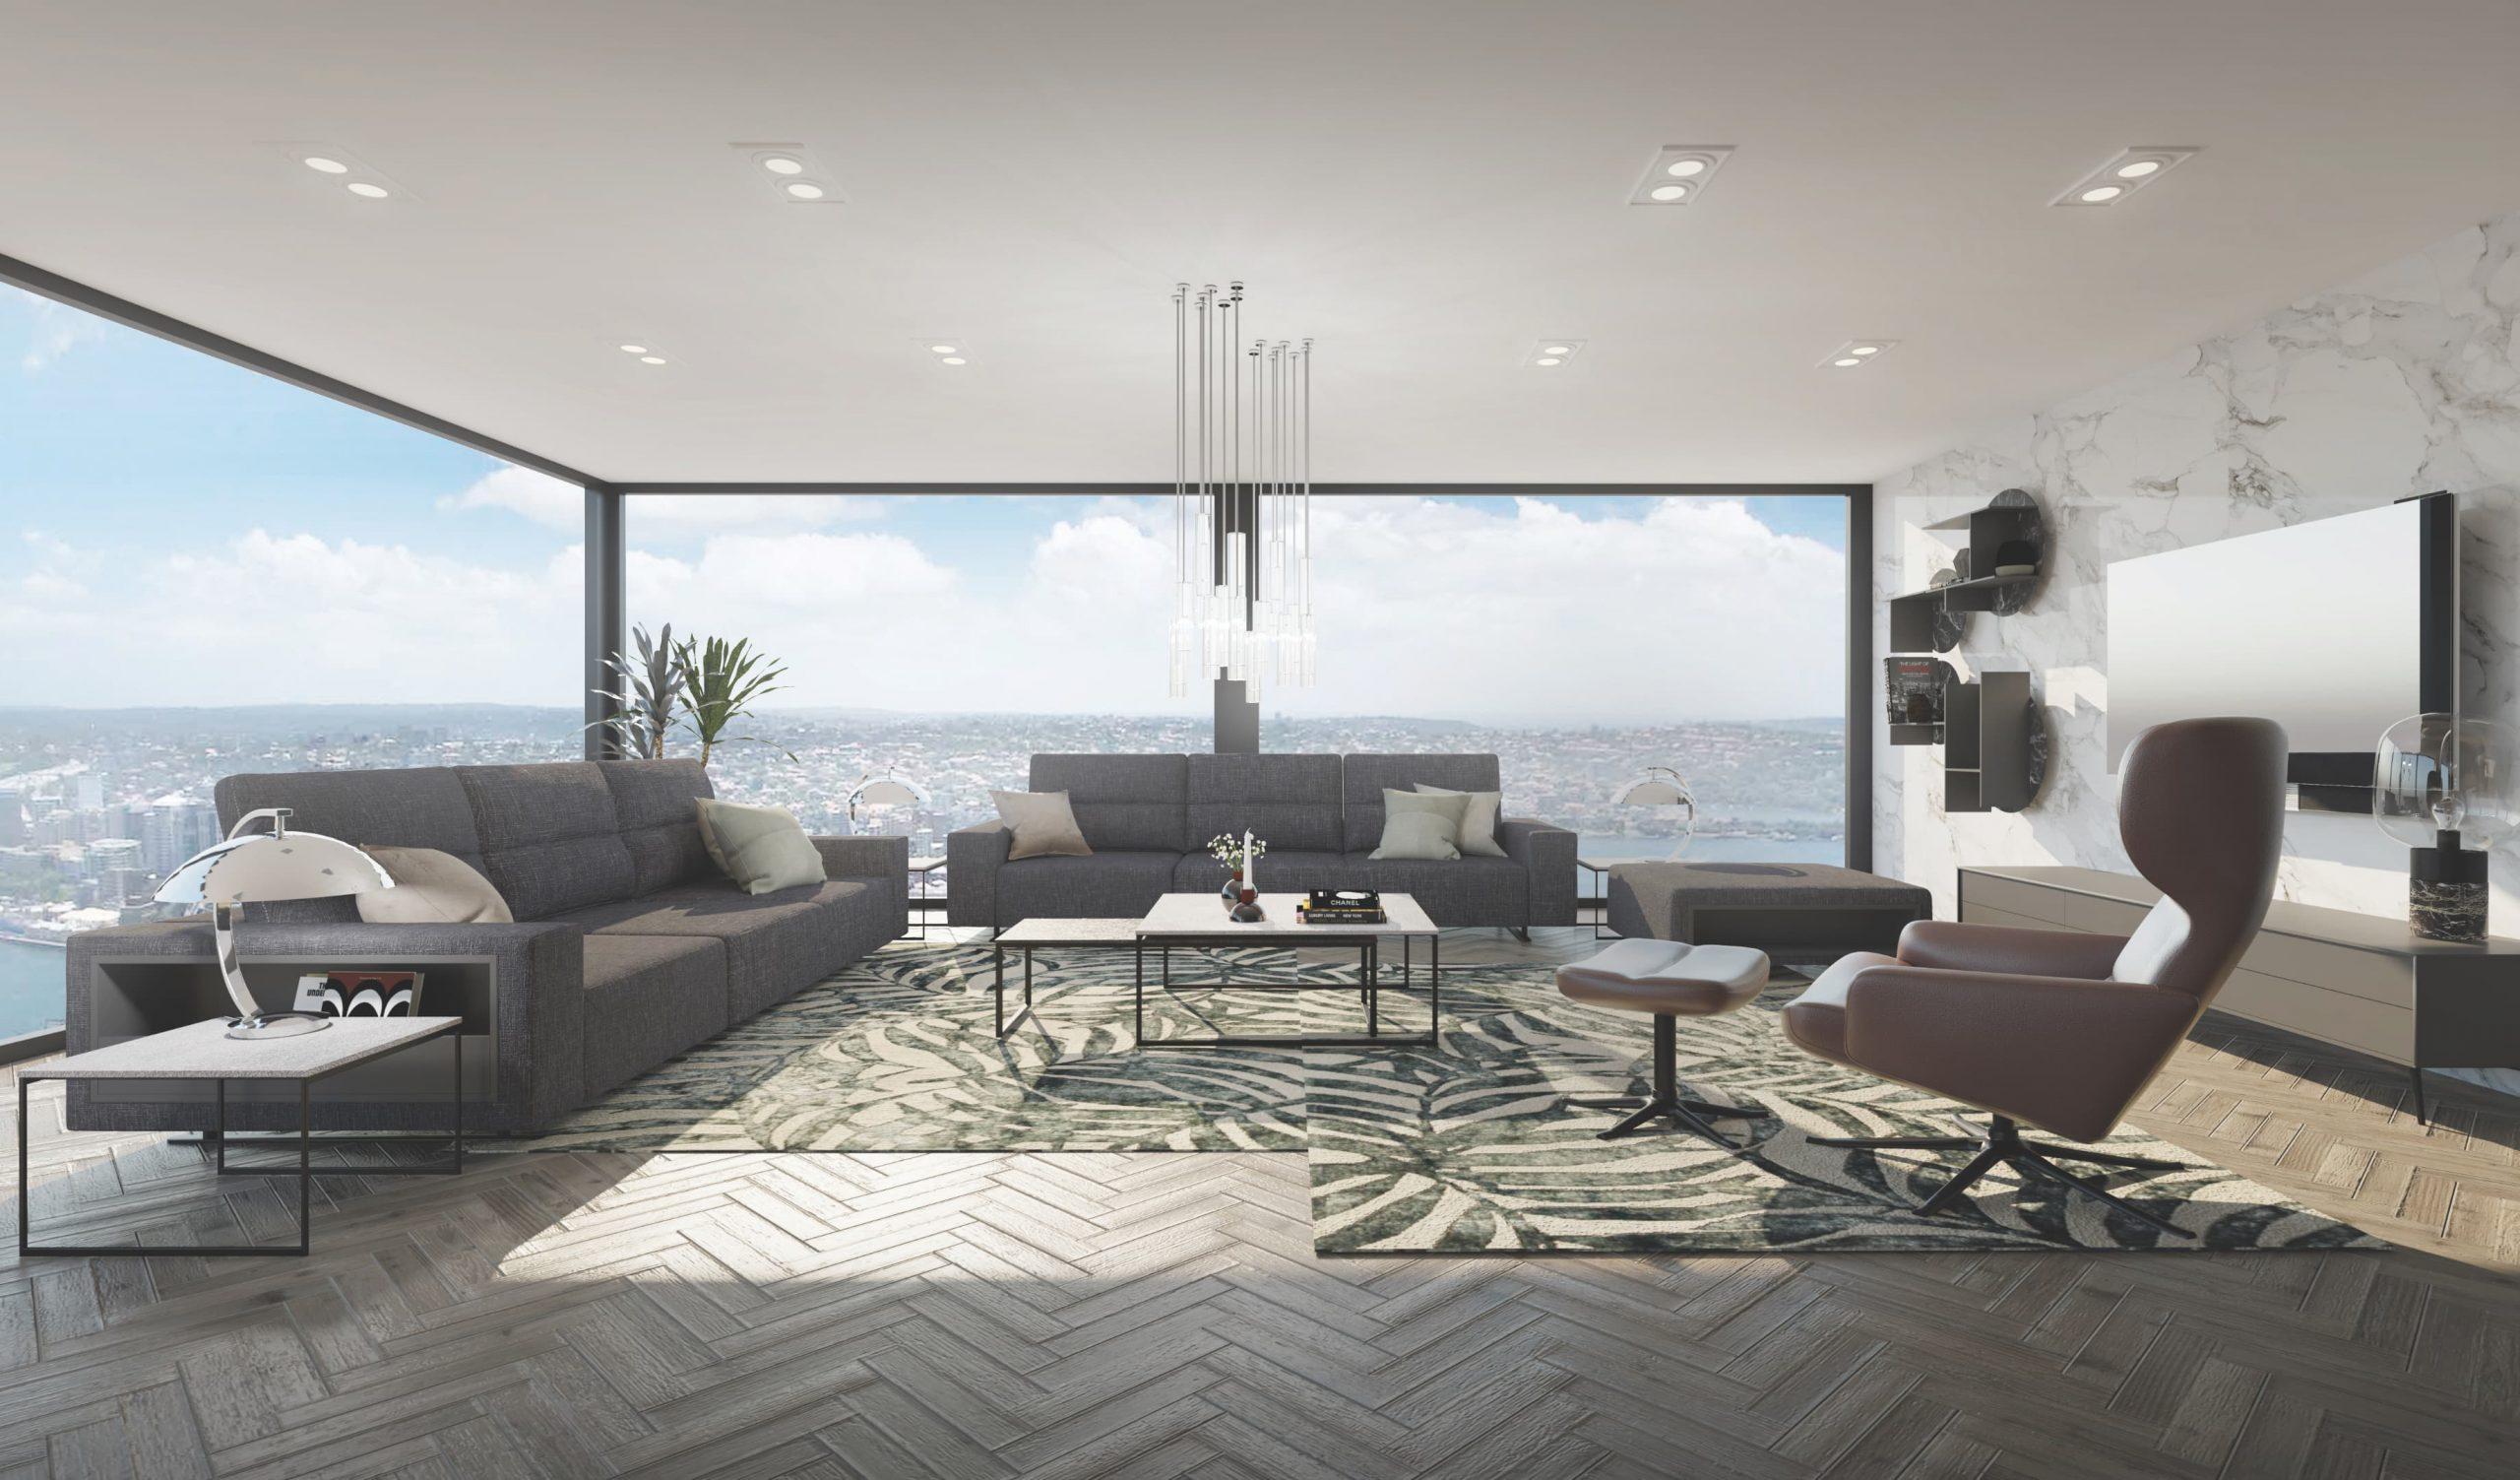 3/12 Living Room, Luxury, Premium Package